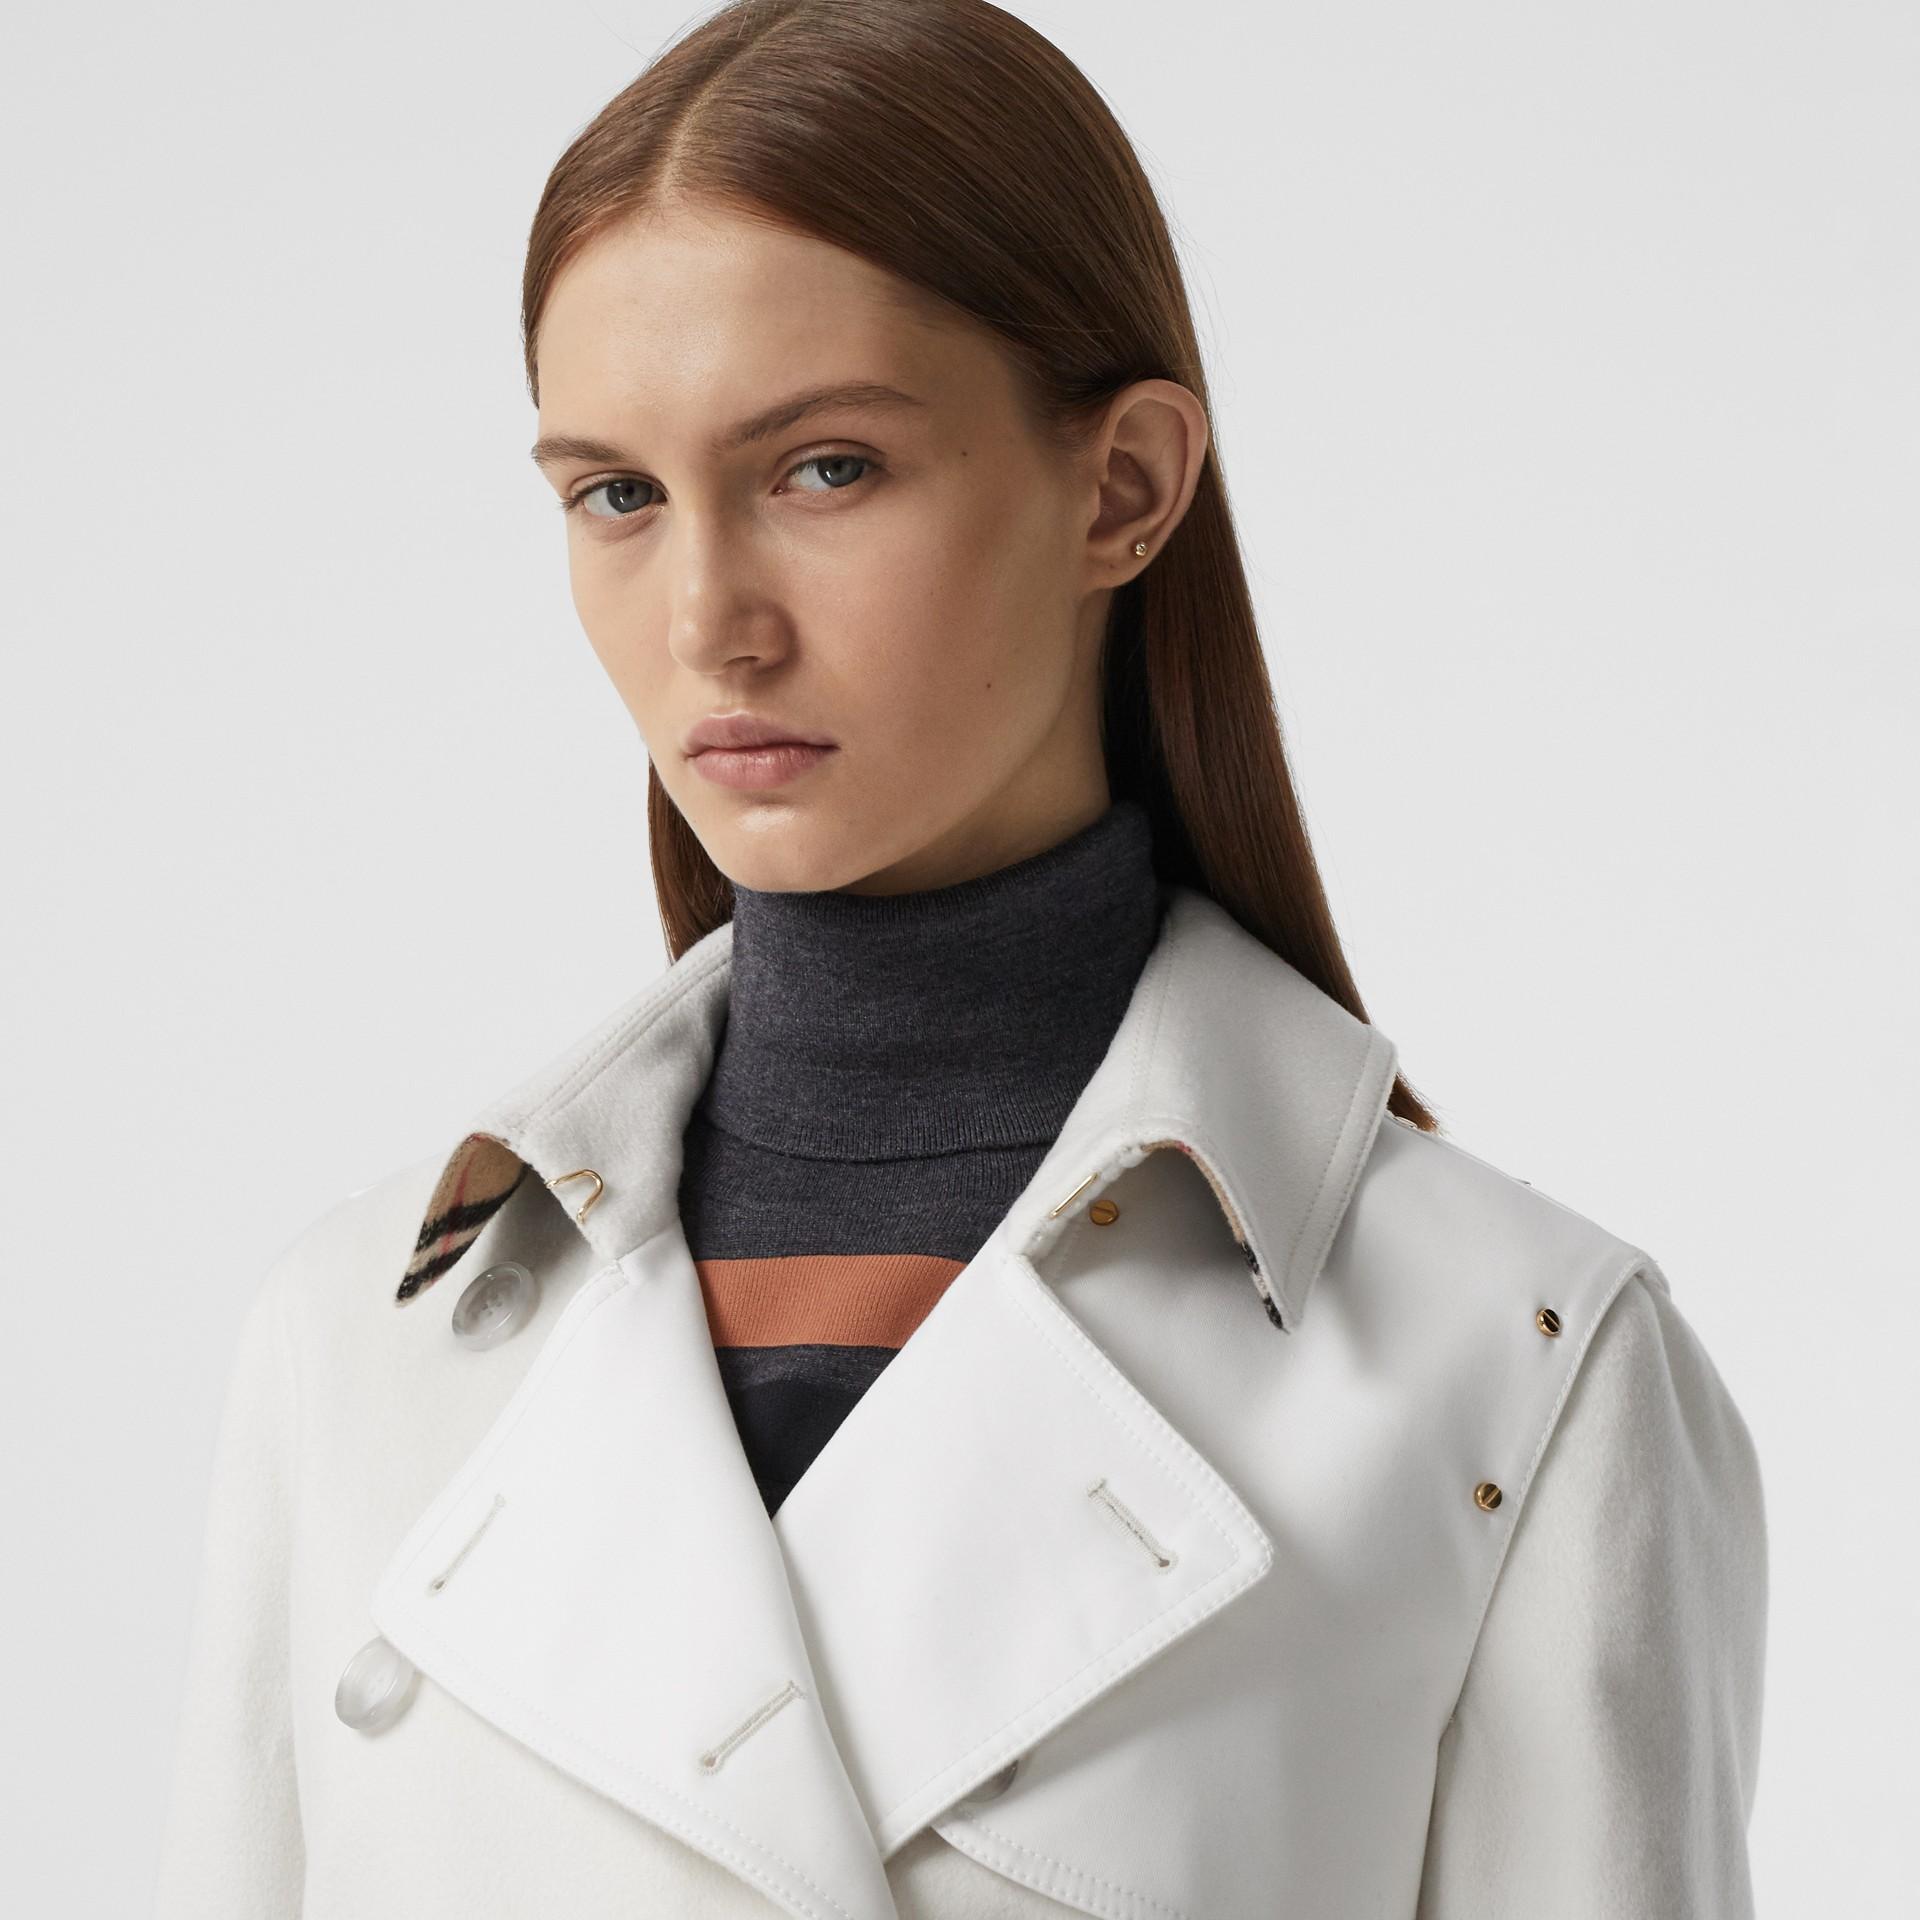 Trench coat in cashmere con pannello in gabardine di cotone (Bianco Naturale) - Donna | Burberry - immagine della galleria 1